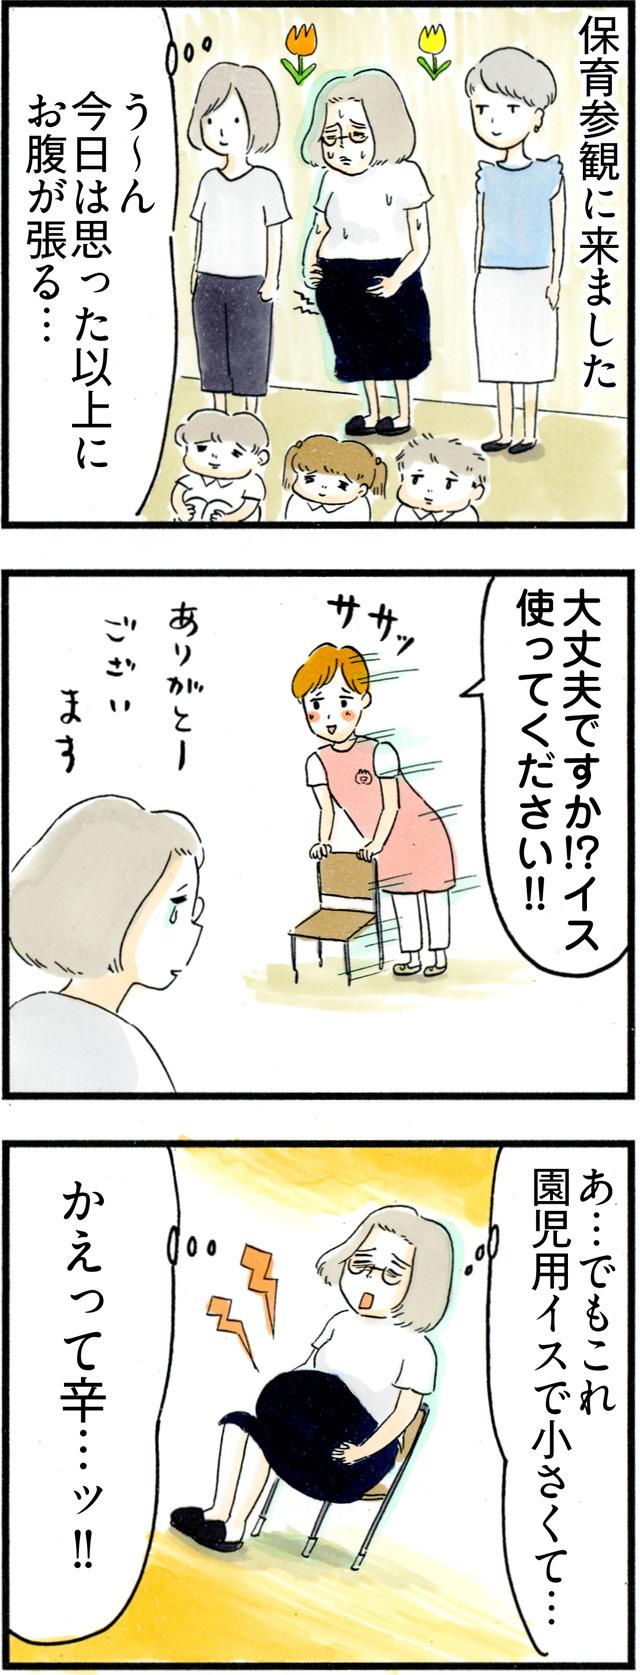 あっどうしよう、子ども用のイス小さすぎ……臨月妊婦、悩んだ末の座り方。の画像1